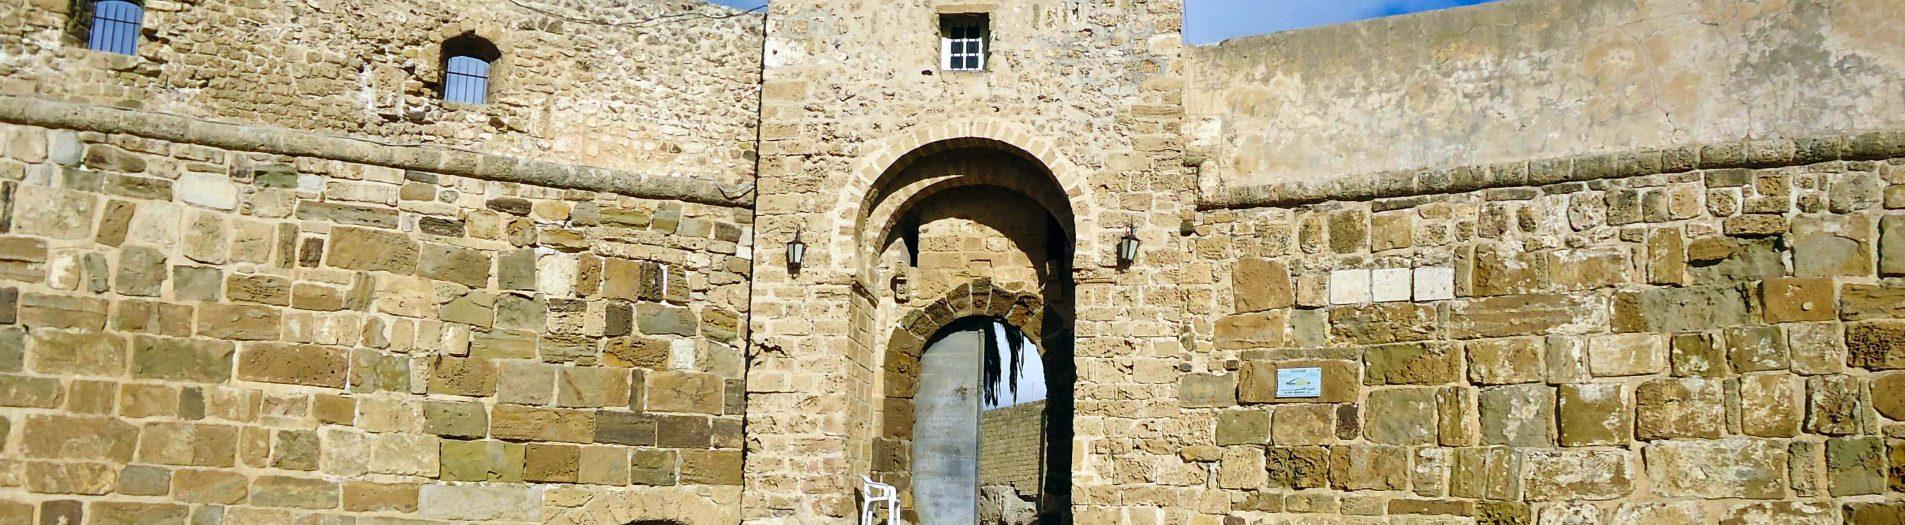 Le fort des andalous de Bizerte